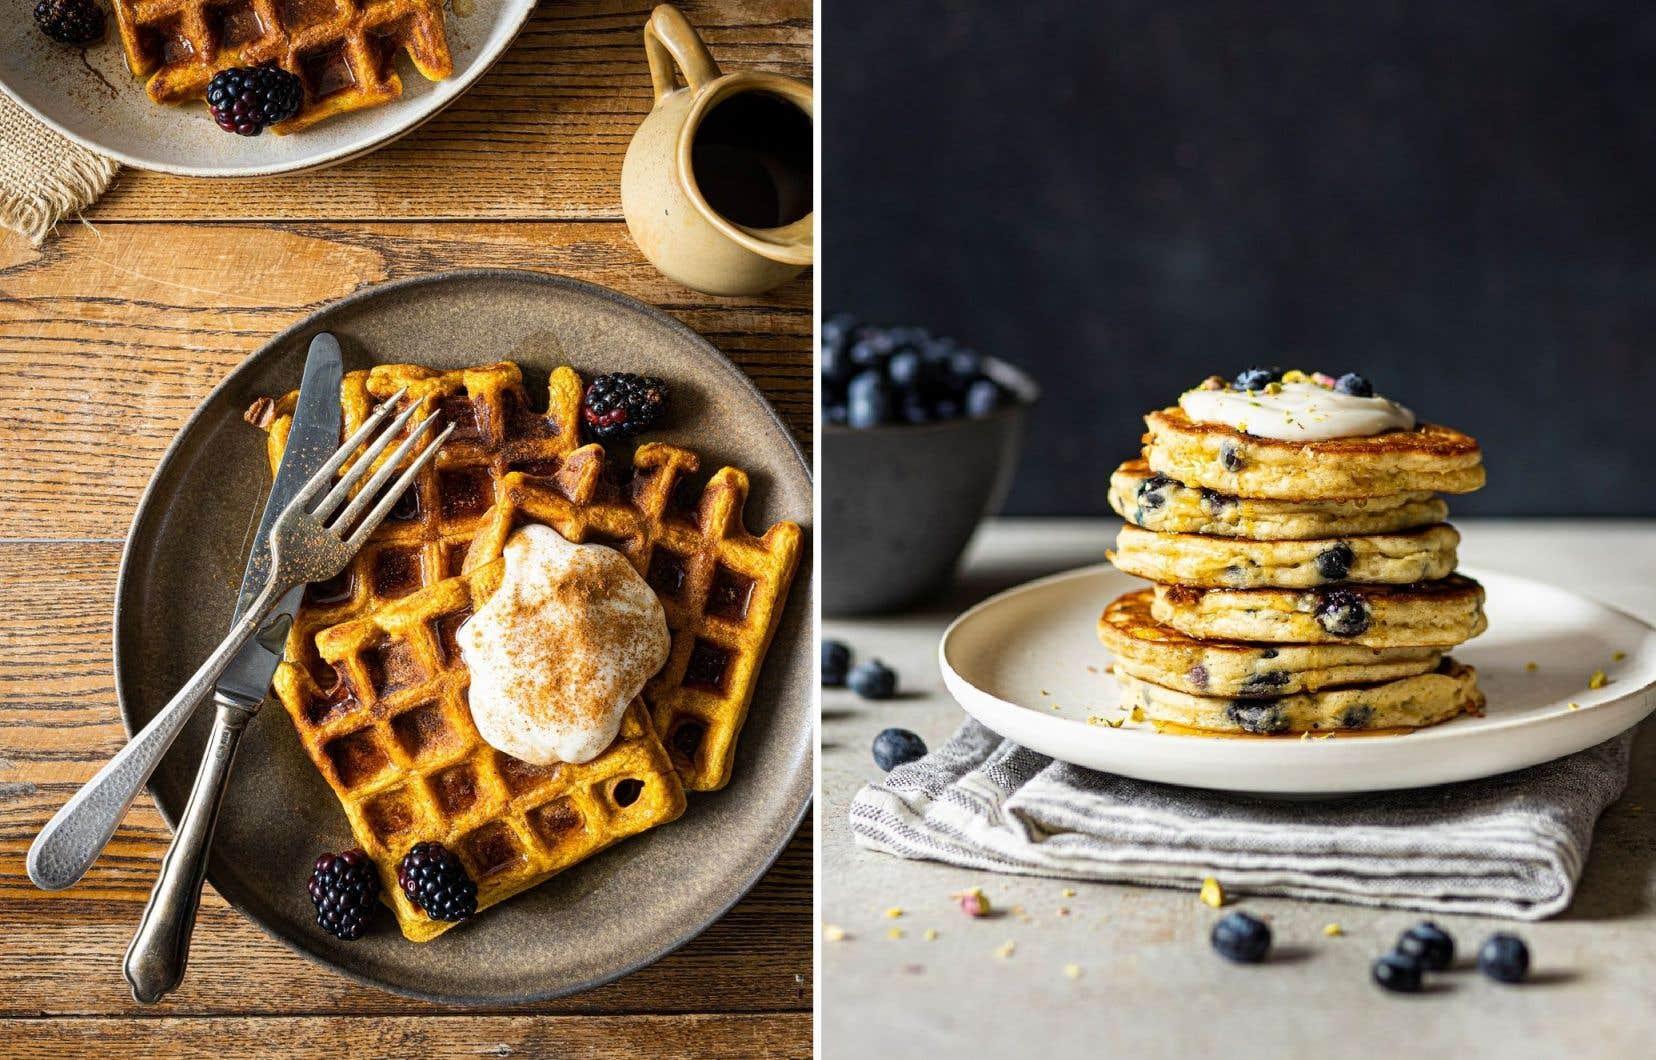 Des gaufres à l'avoine et à la citrouille et des pancakes moelleux aux bleuets